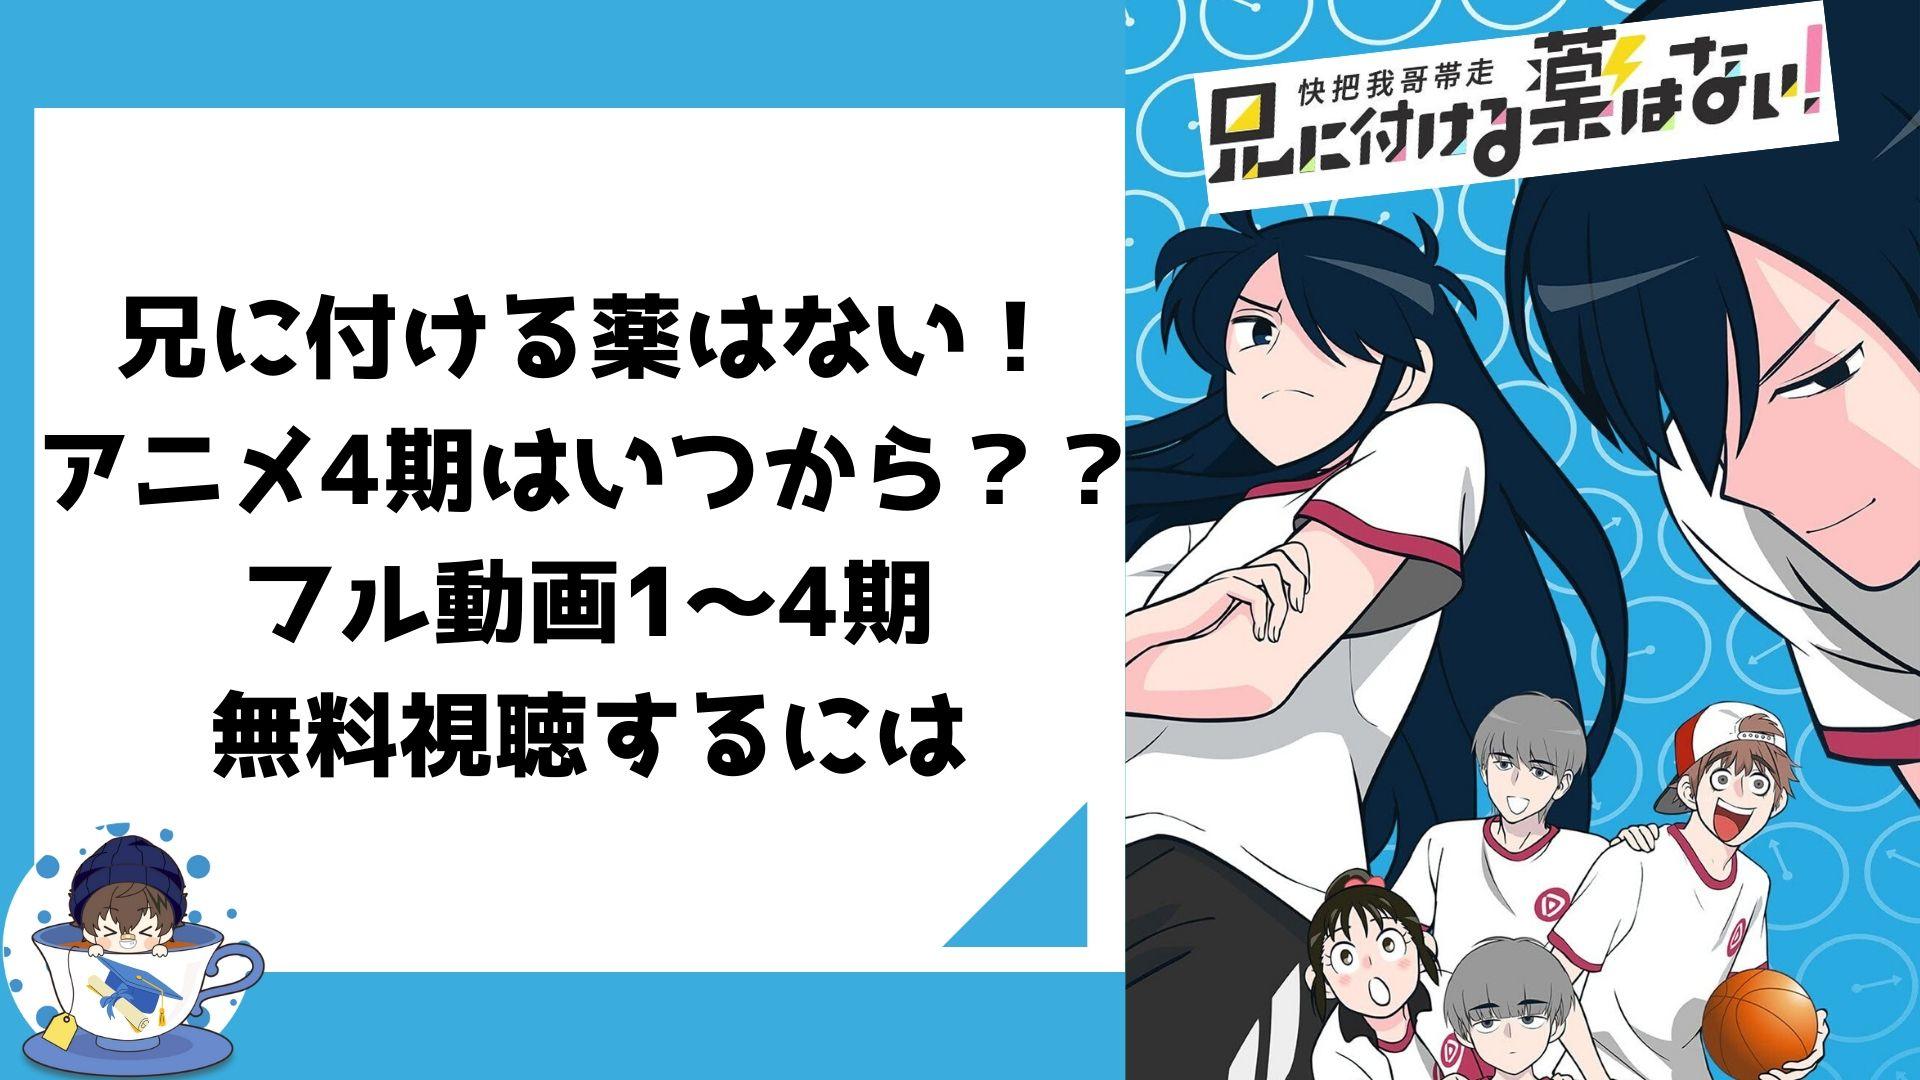 『兄に付ける薬はない!』のアニメ4期はいつから??フル動画1〜4期を無料視聴